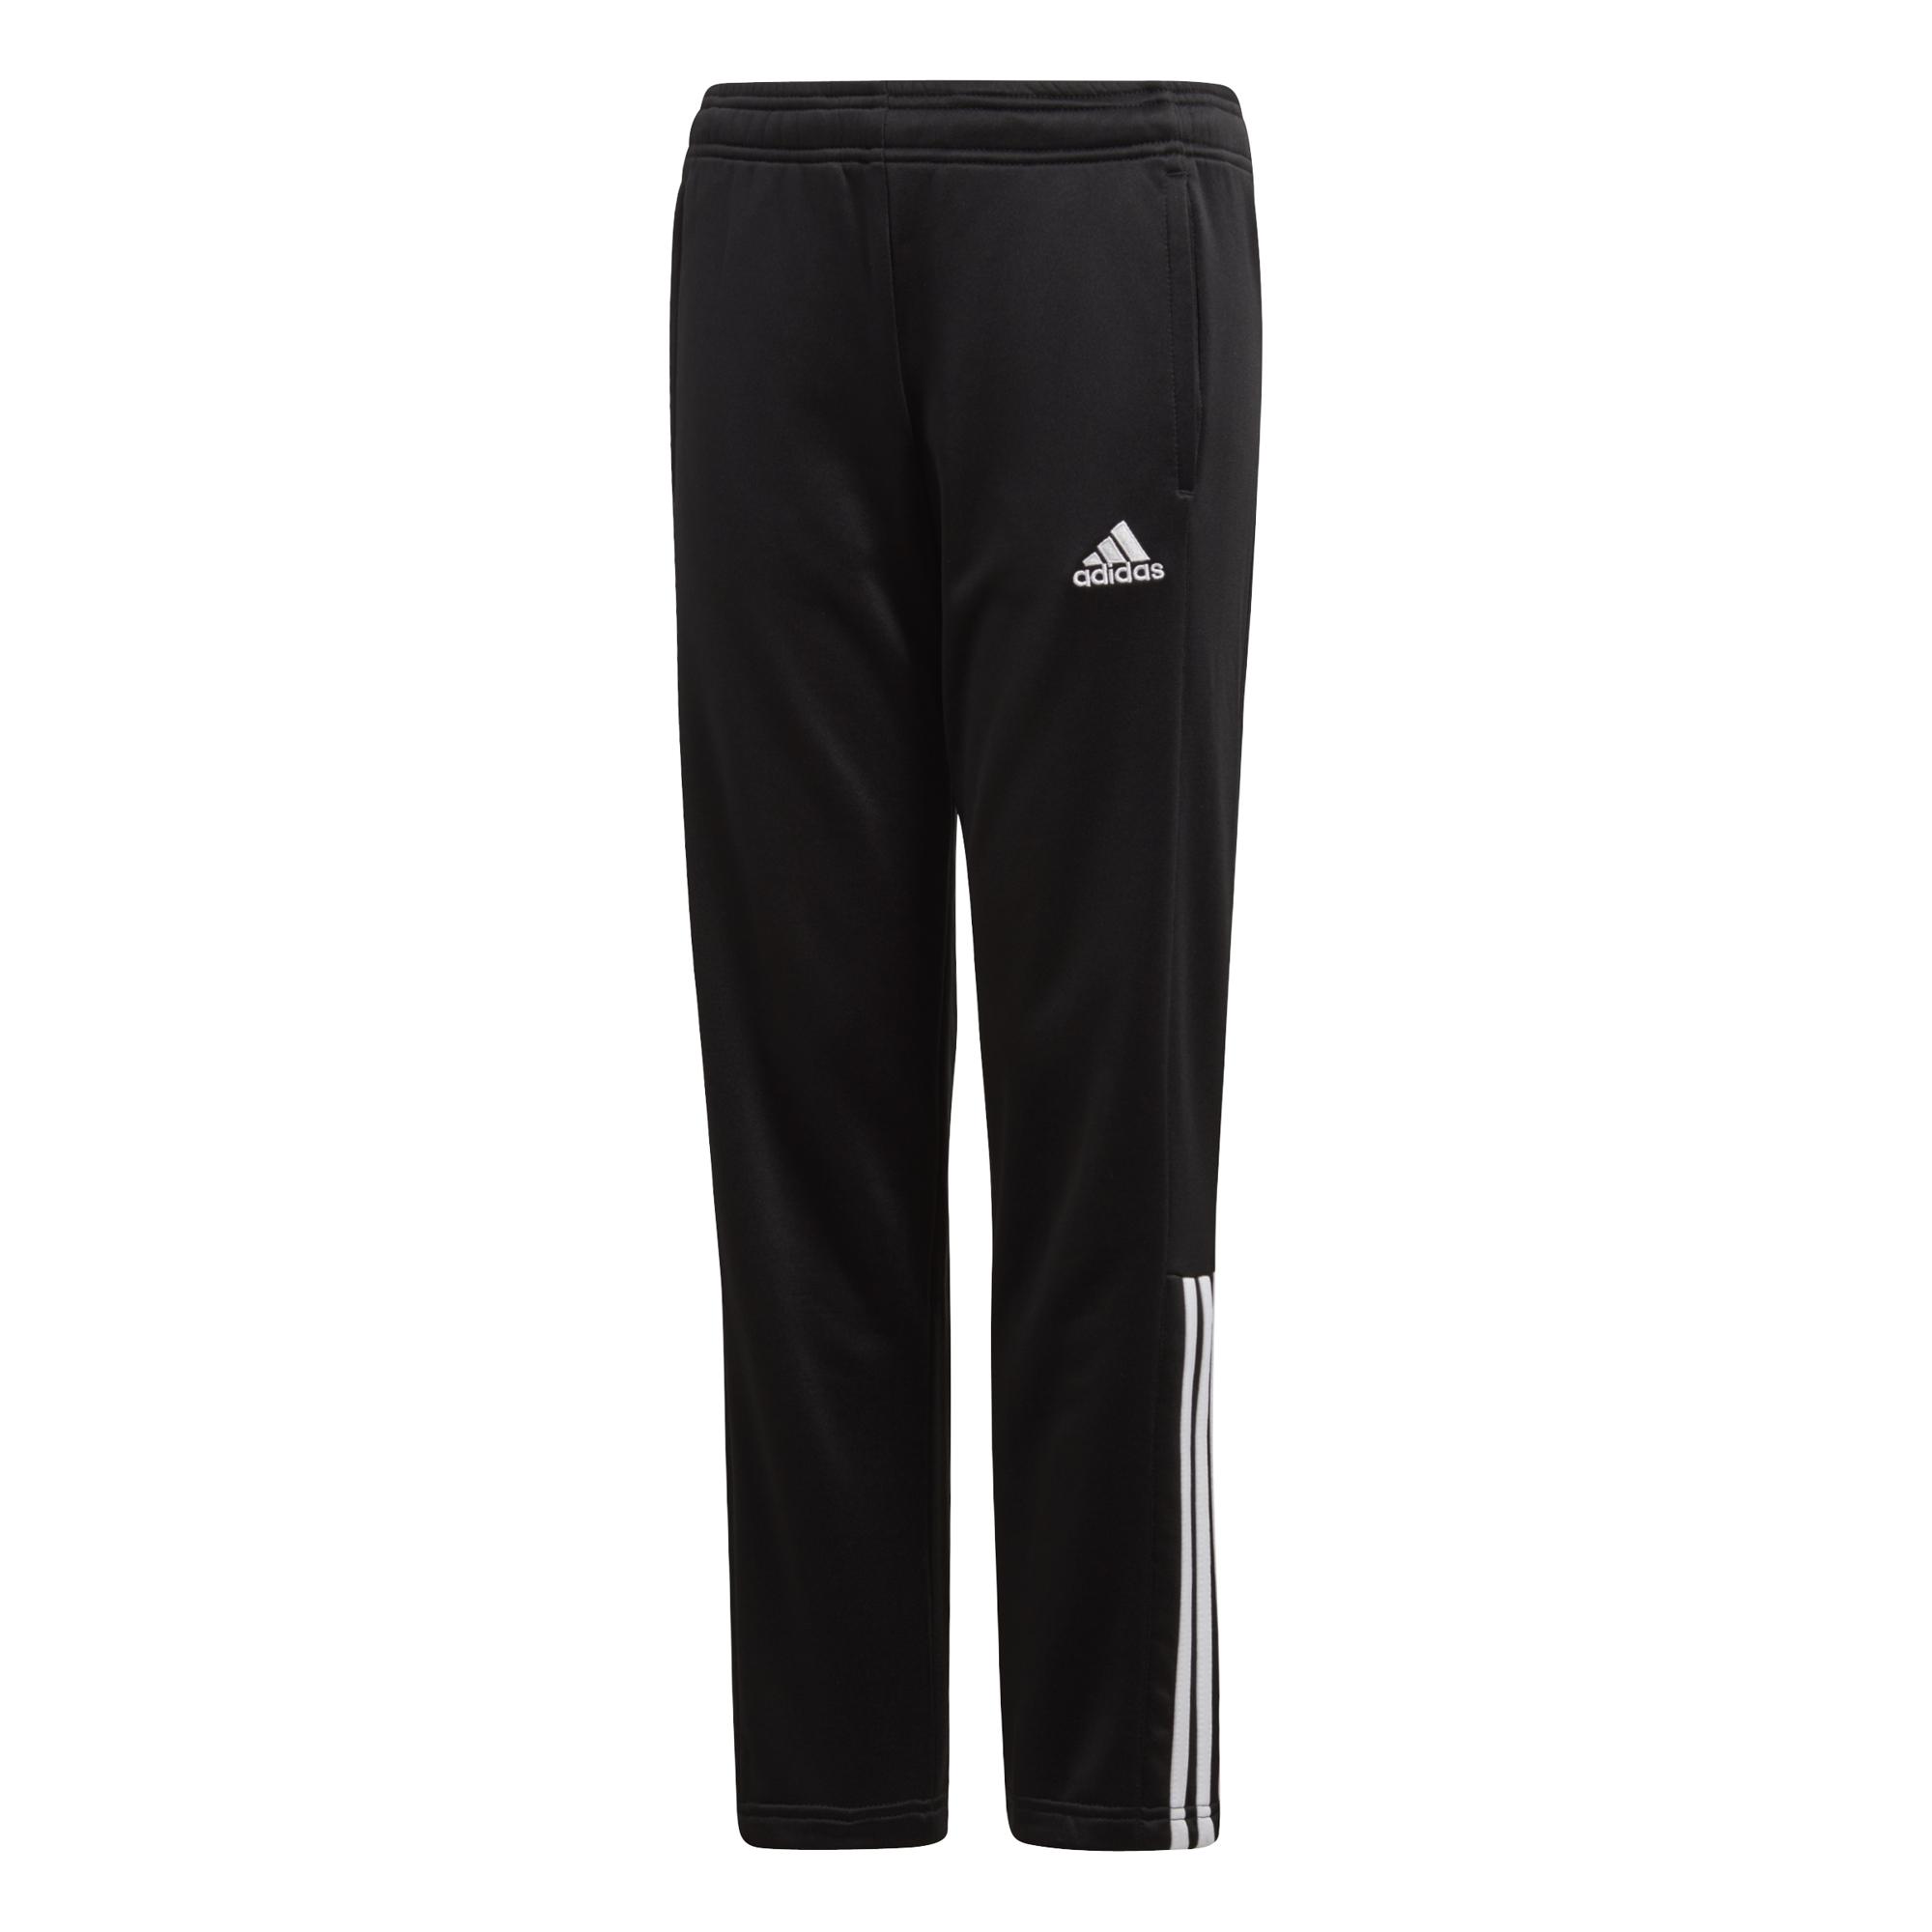 ADIDAS polyesterové kalhoty Regista 18 dětské